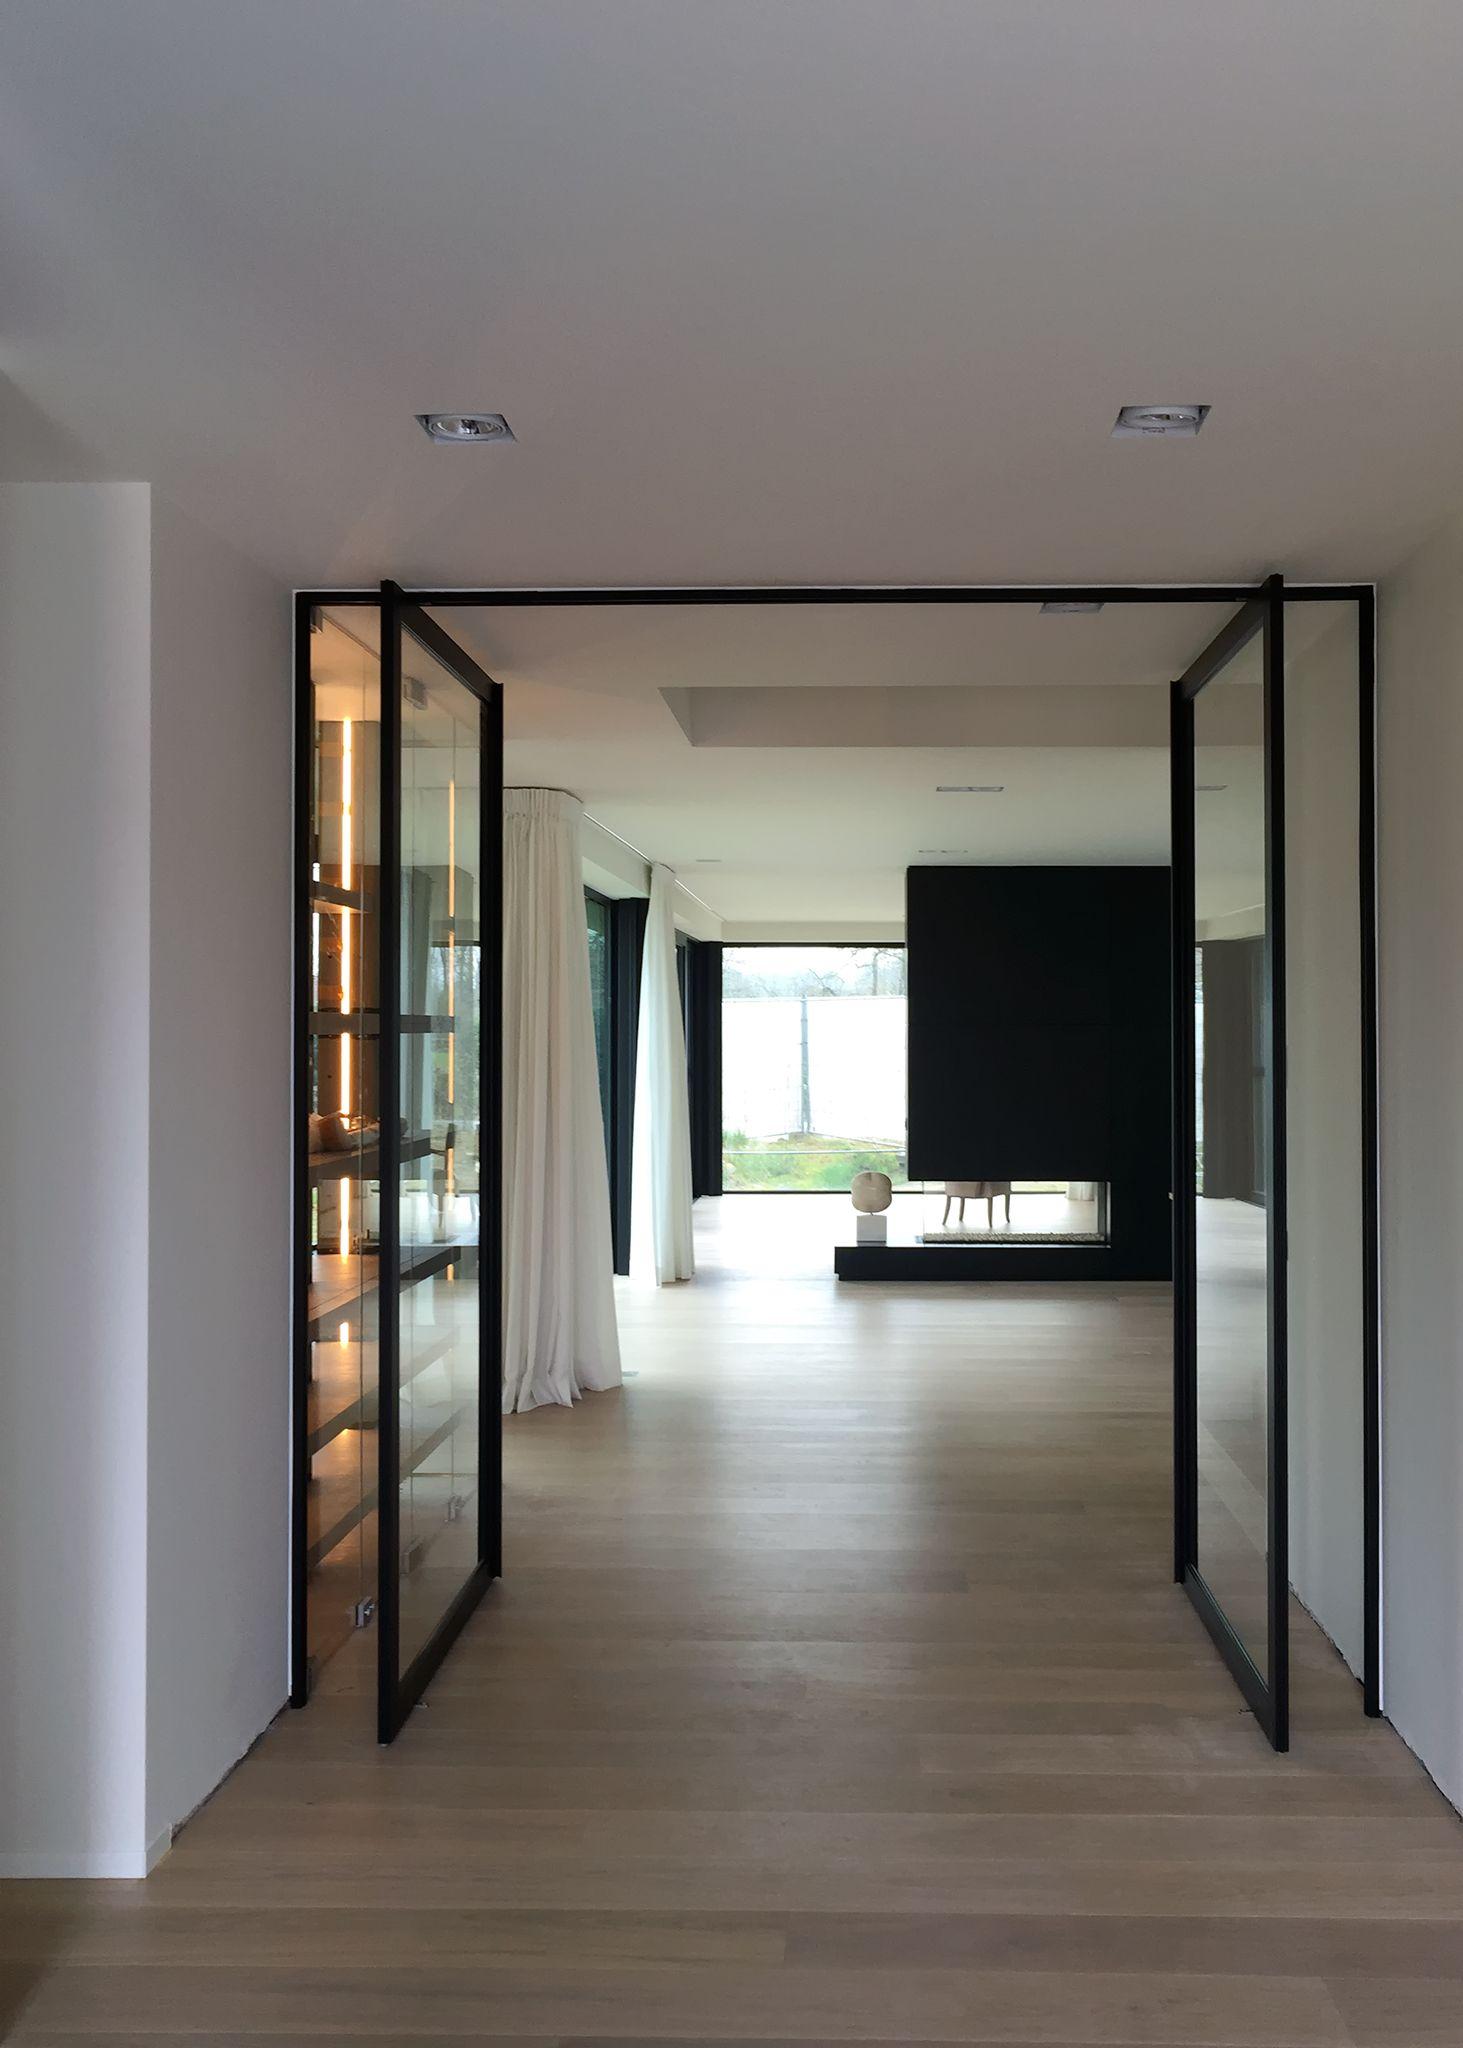 dubbele stalen deur met glas en pivotscharnieren waarvoor niets in ...